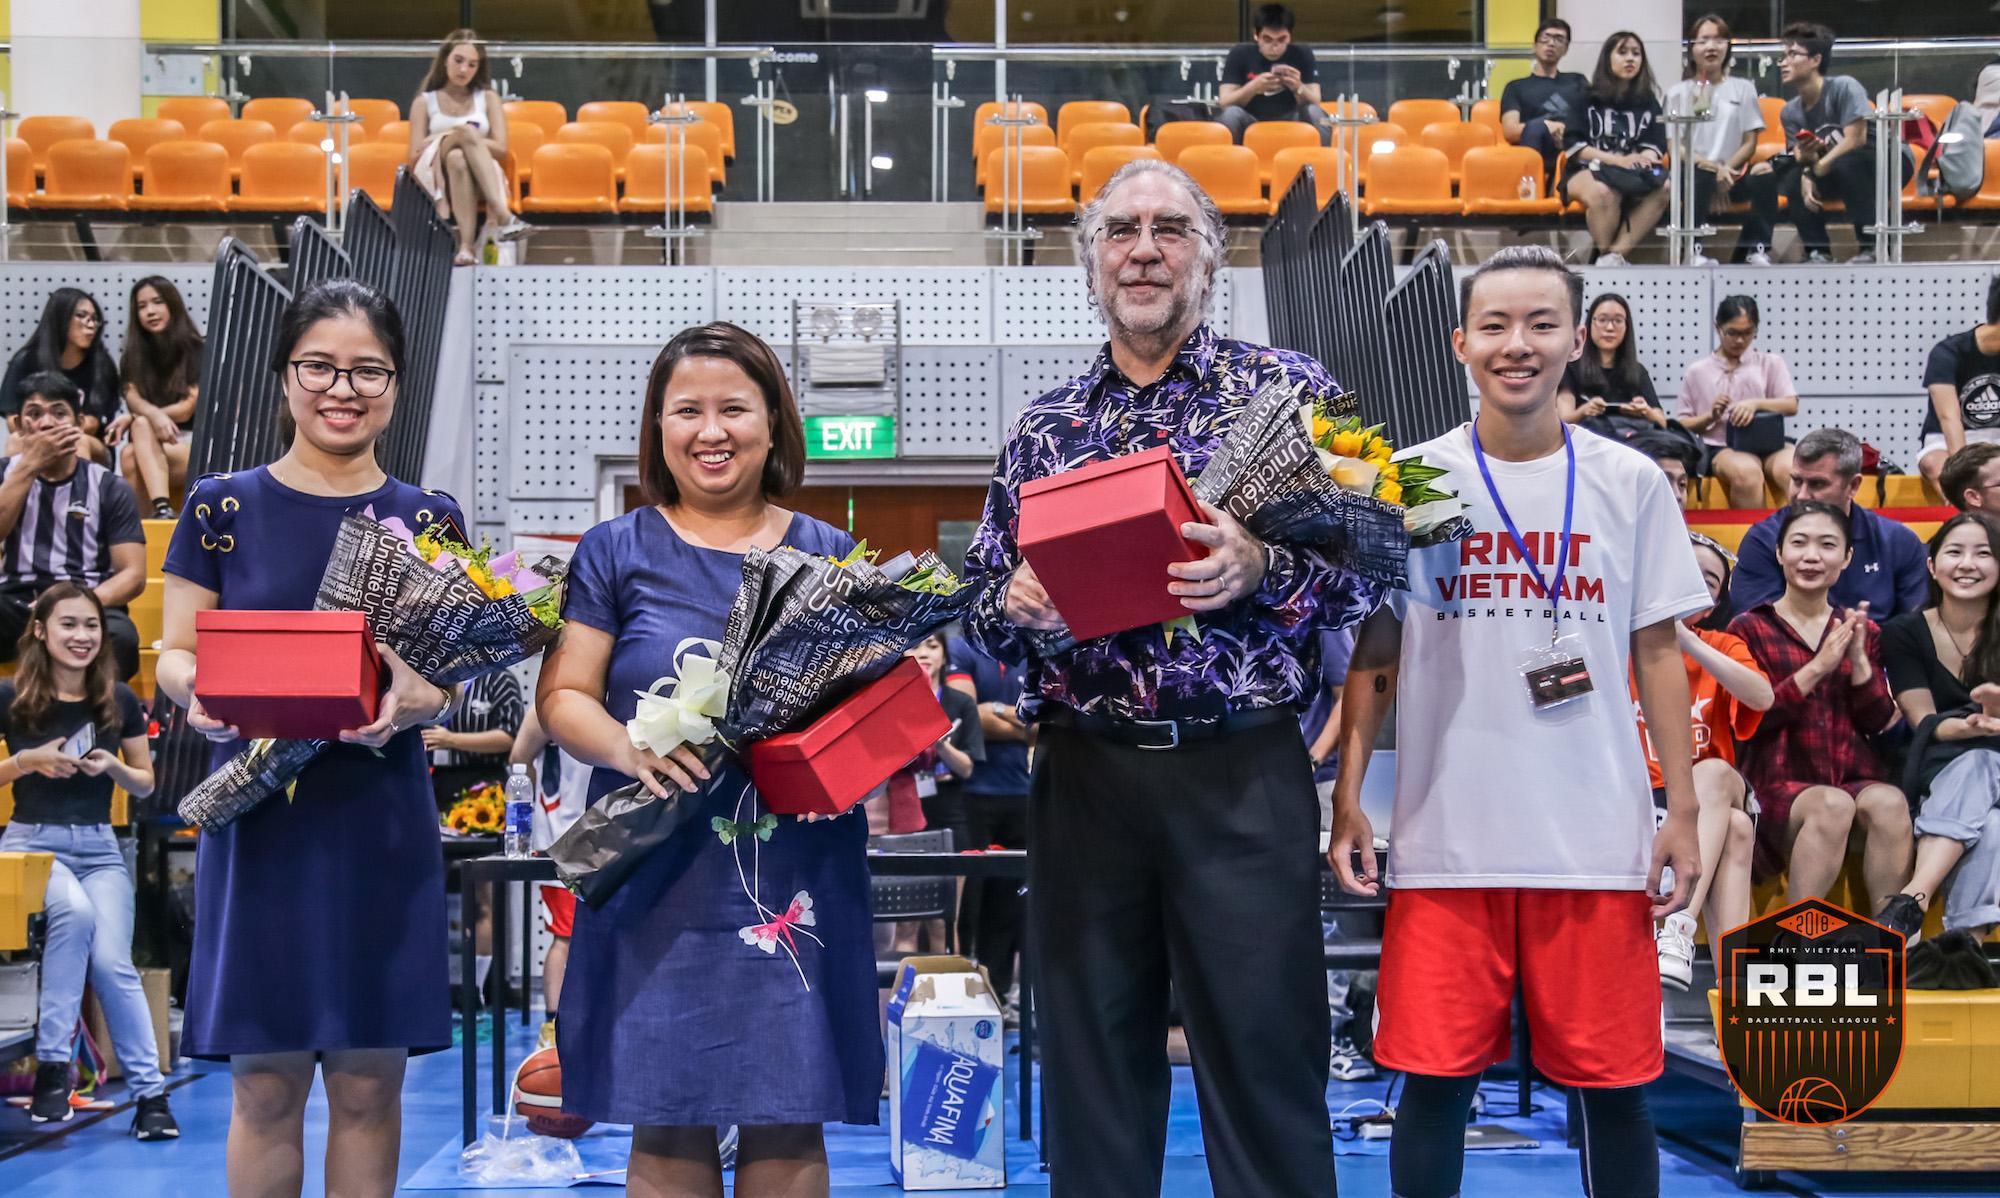 Đội chủ nhà RMIT thắng đậm tại lễ khai mạc giải bóng rổ truyền thống hàng năm - Ảnh 2.